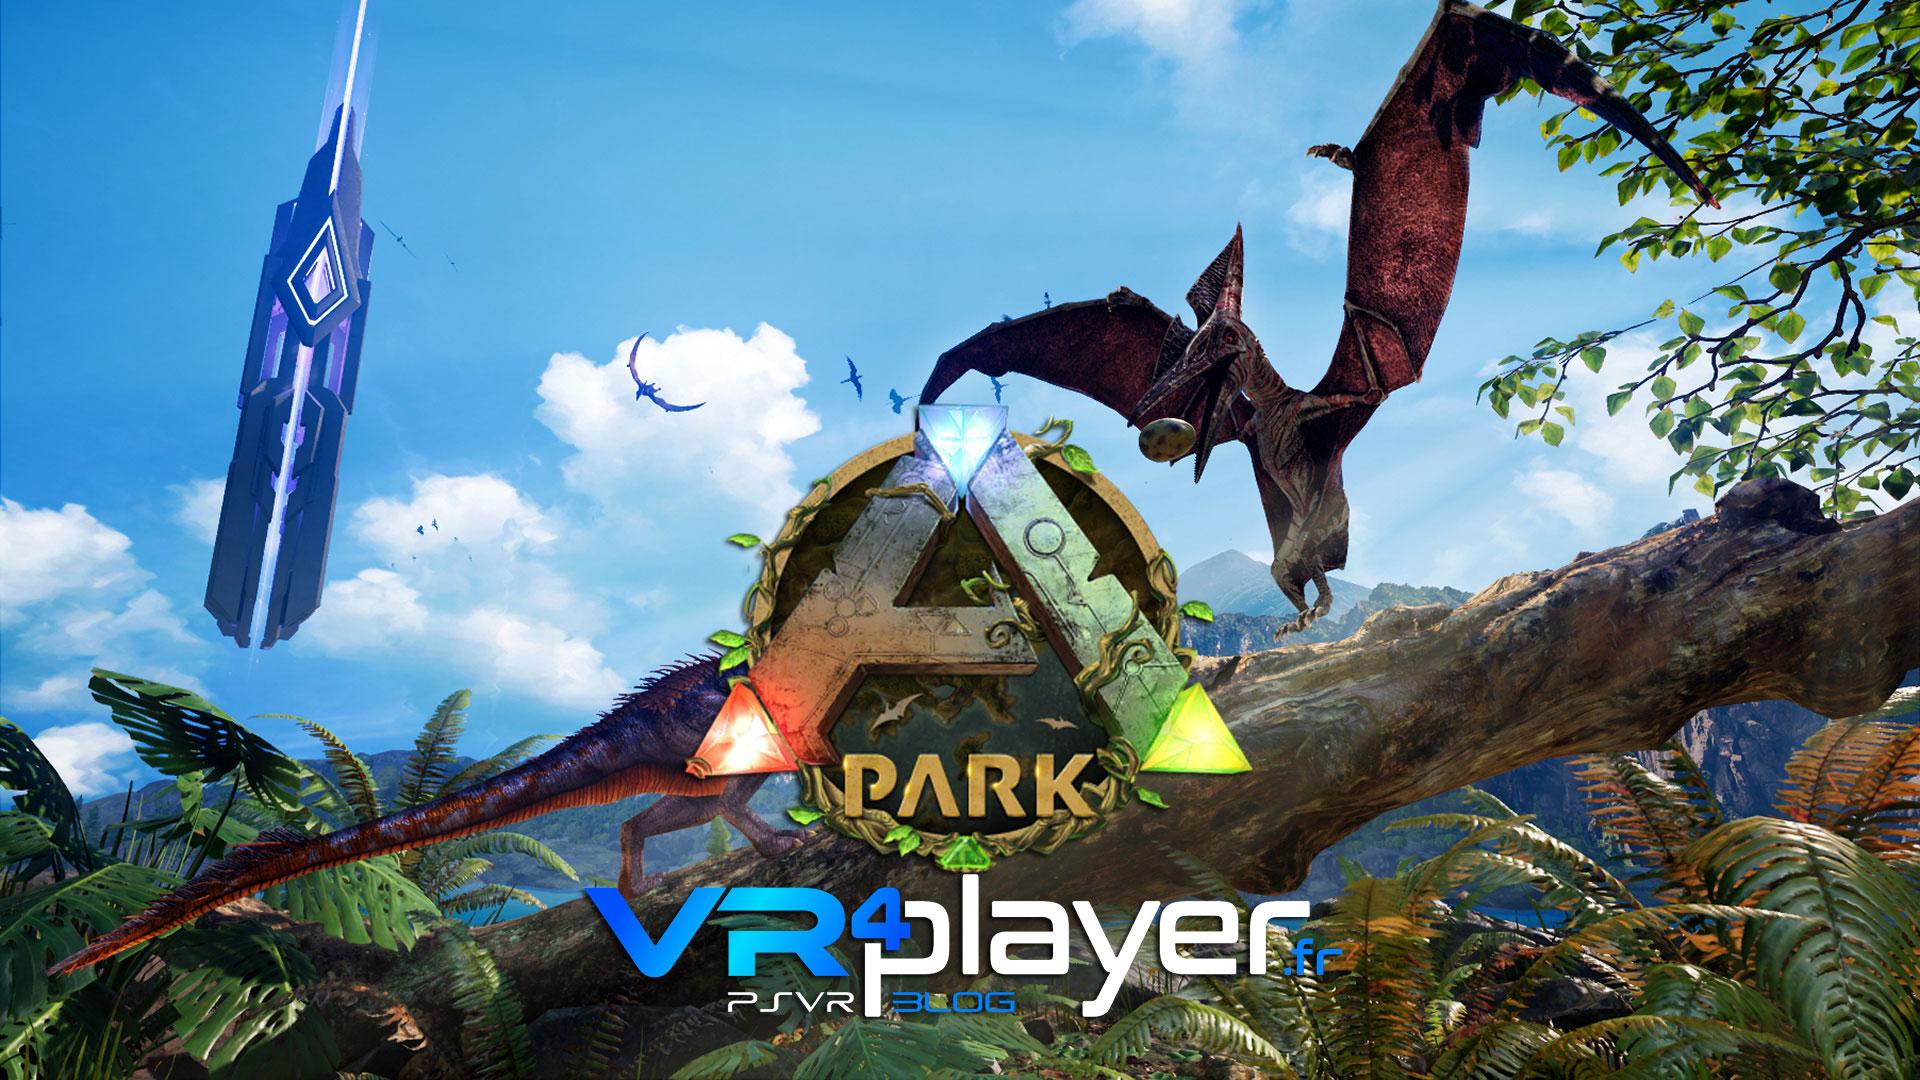 ARK PARK DLC Pterosaur Hill PSVR vr4player.fr